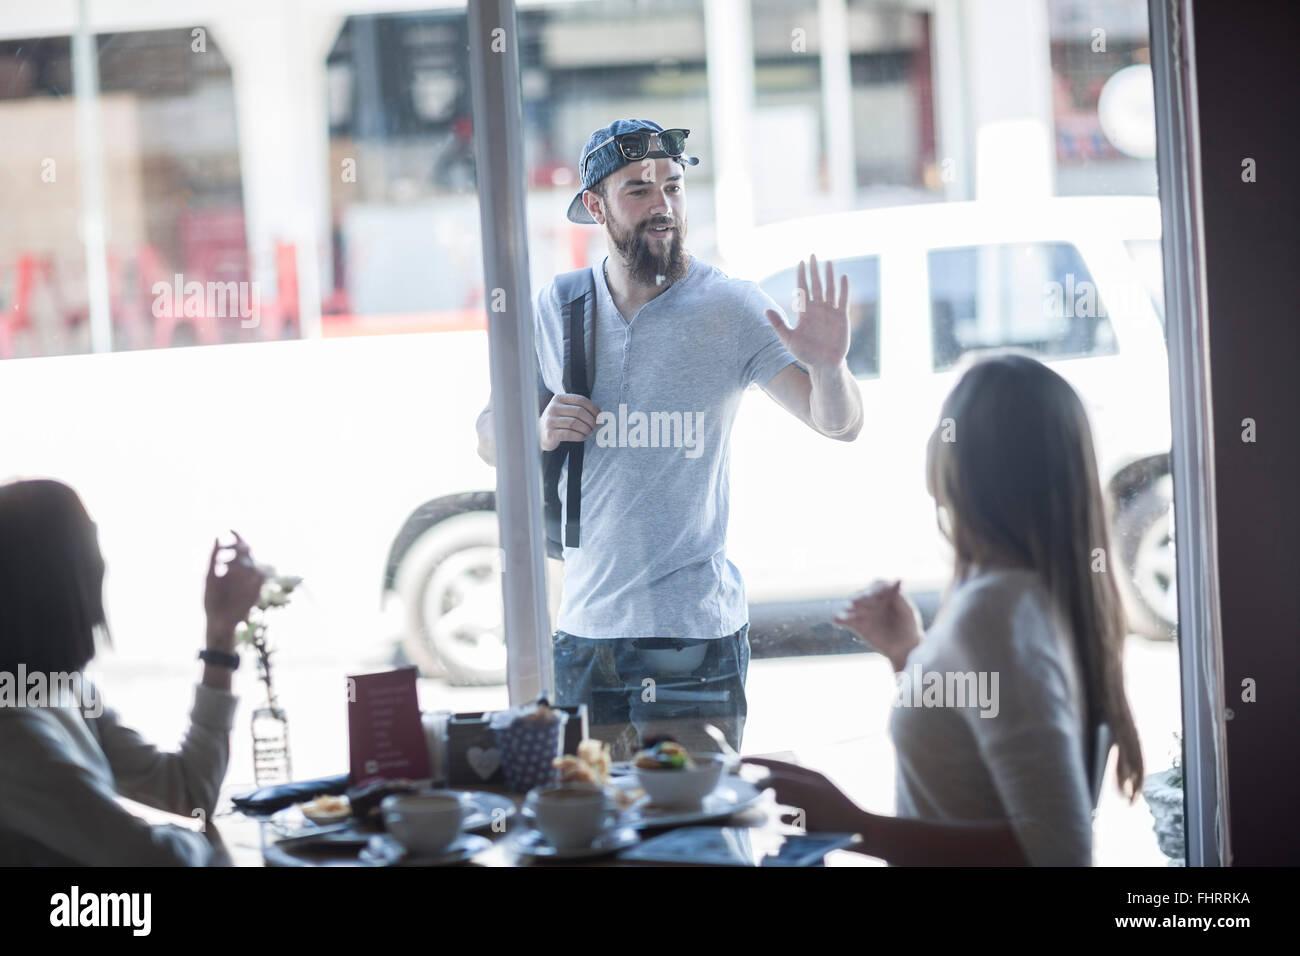 Retrato de joven amigo un saludo desde fuera de una tienda de café Imagen De Stock